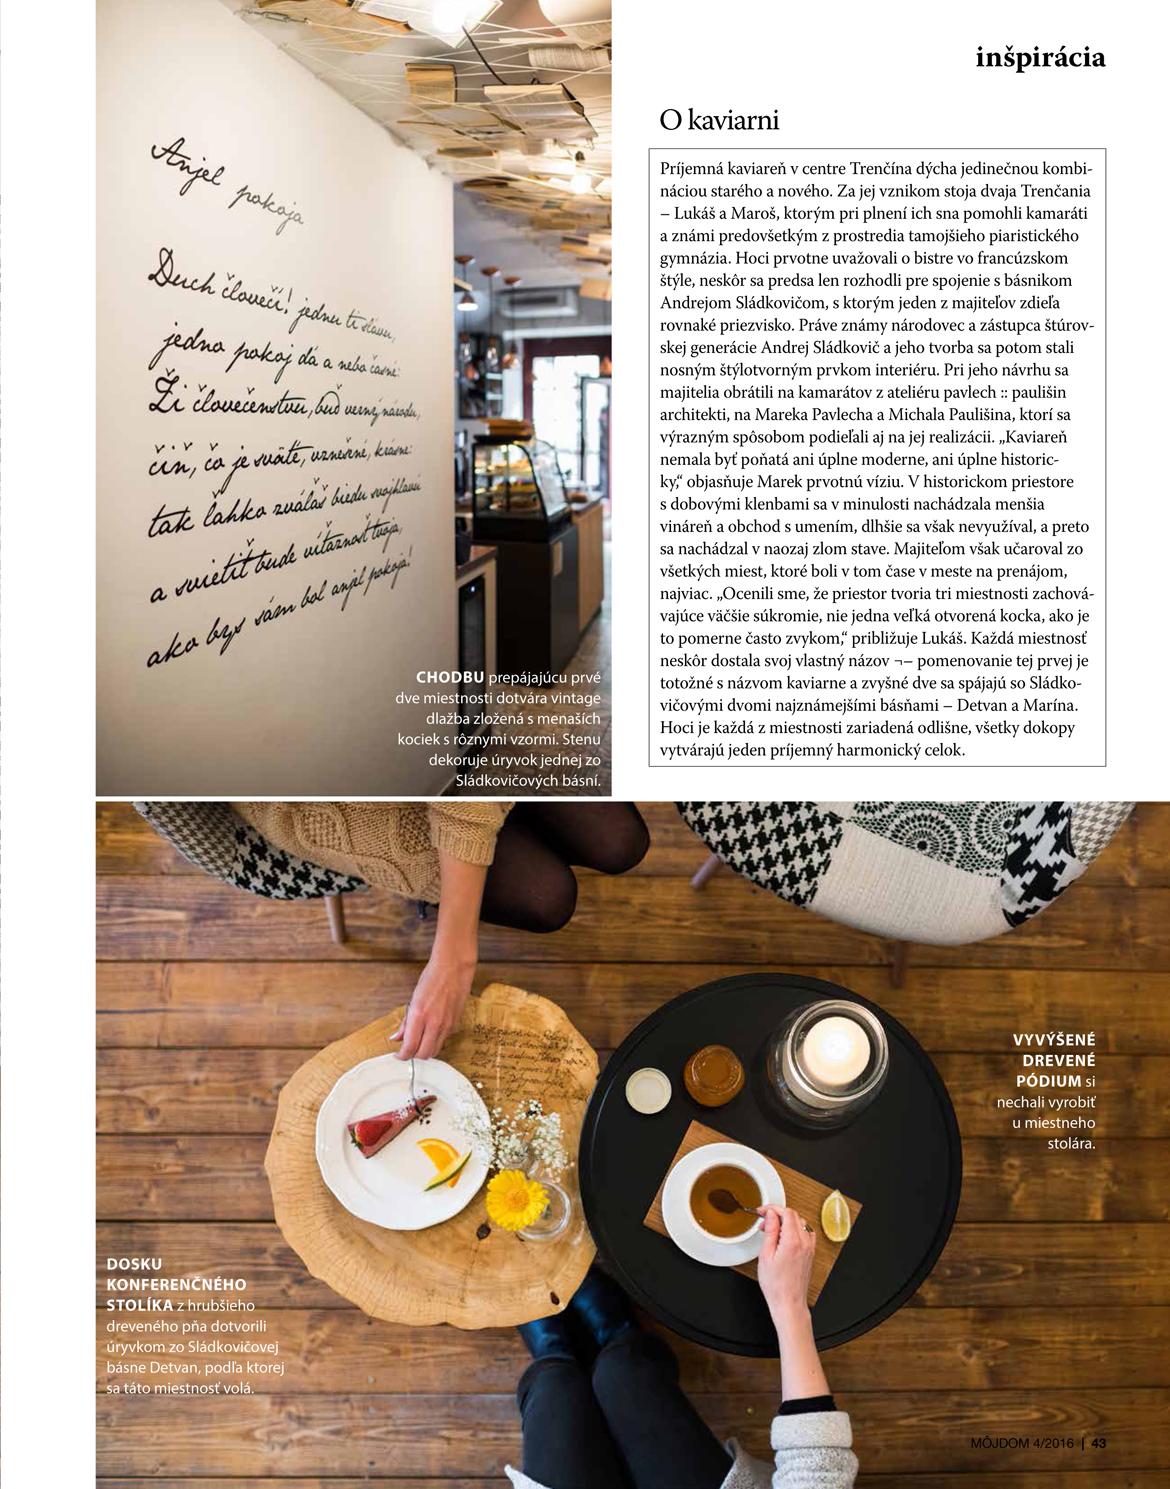 002-mojdom-cafe-sladkovic-trencin-pavlech-architekti